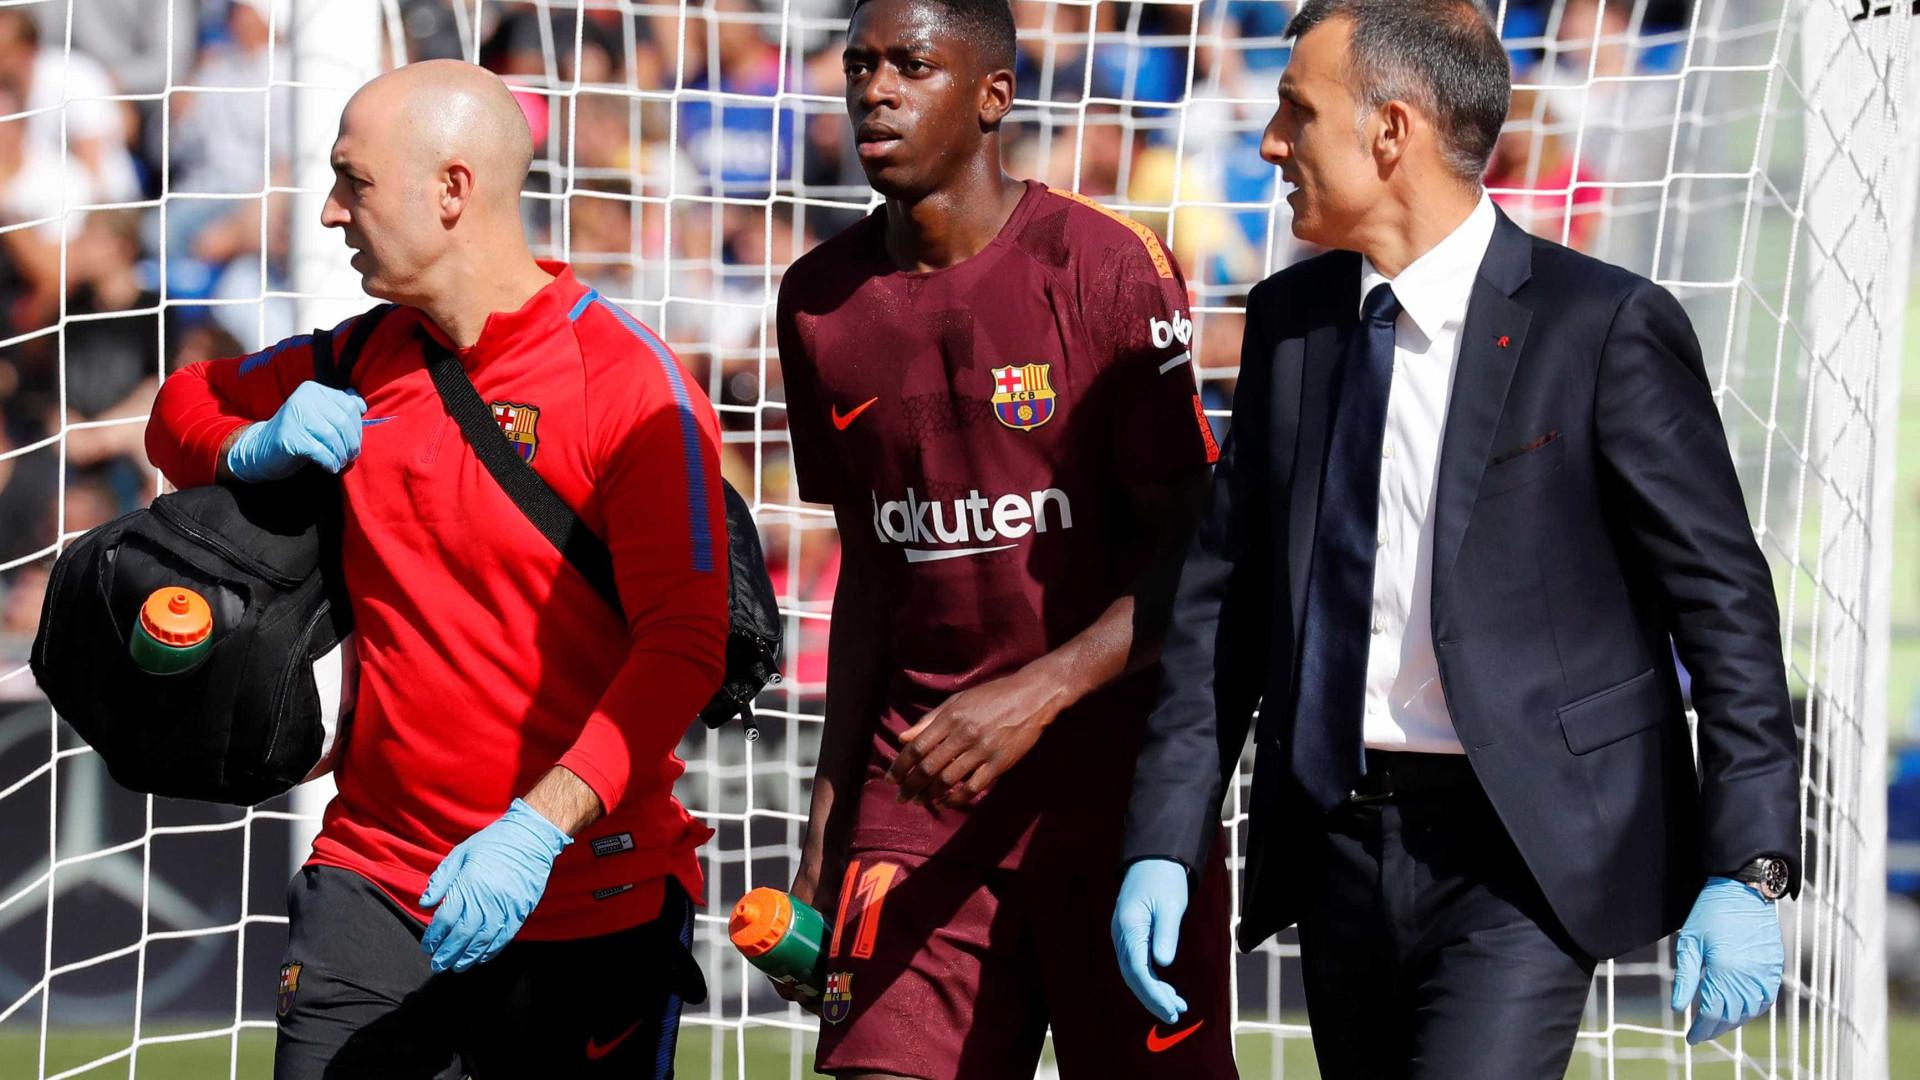 Alerta em Camp Nou: Dembélé lesionou-se e pode falhar jogo com o Sporting